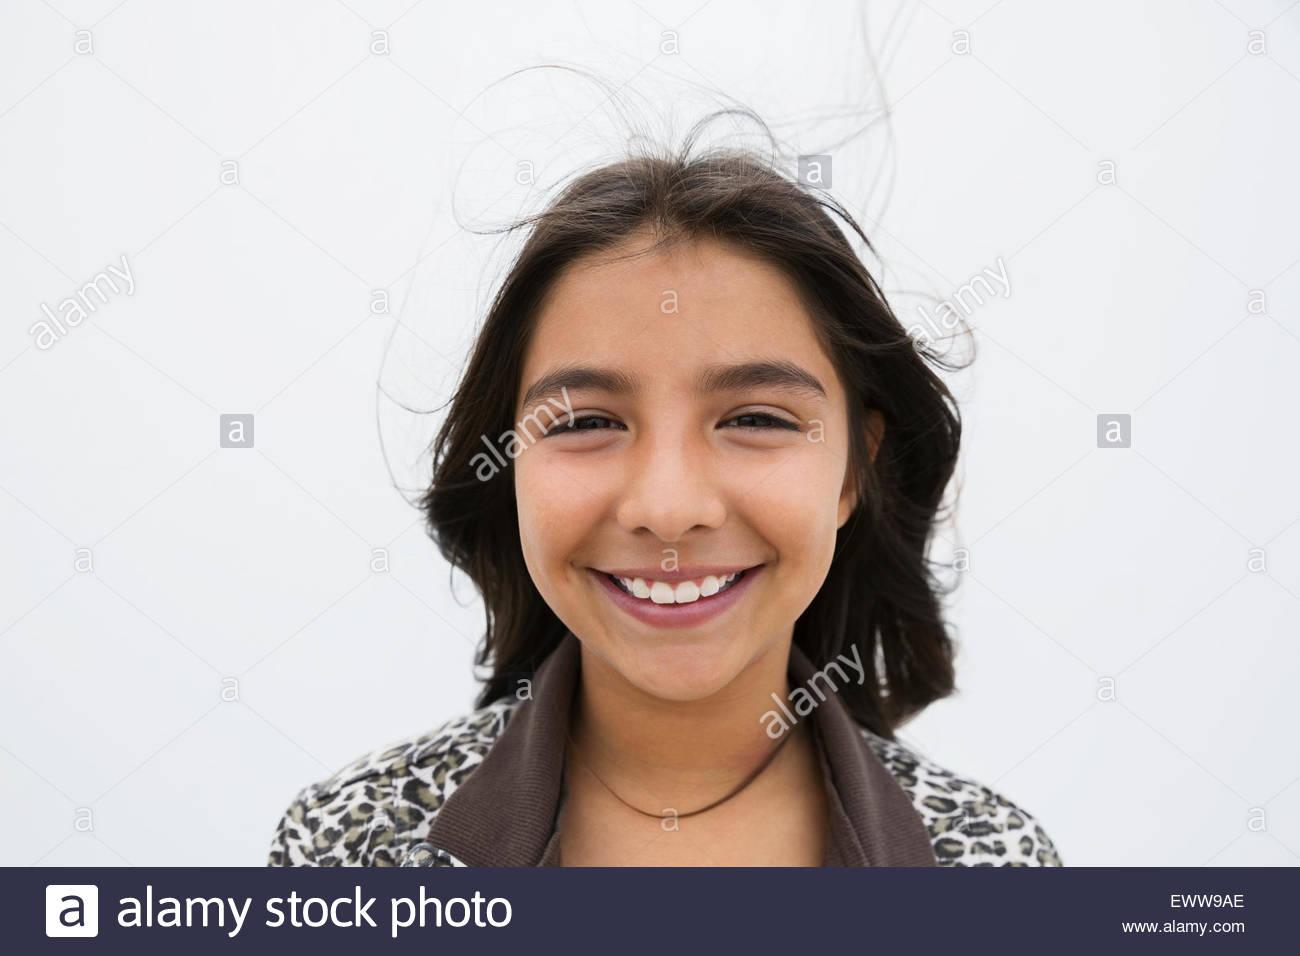 Retrato sonriente niña morena Imagen De Stock